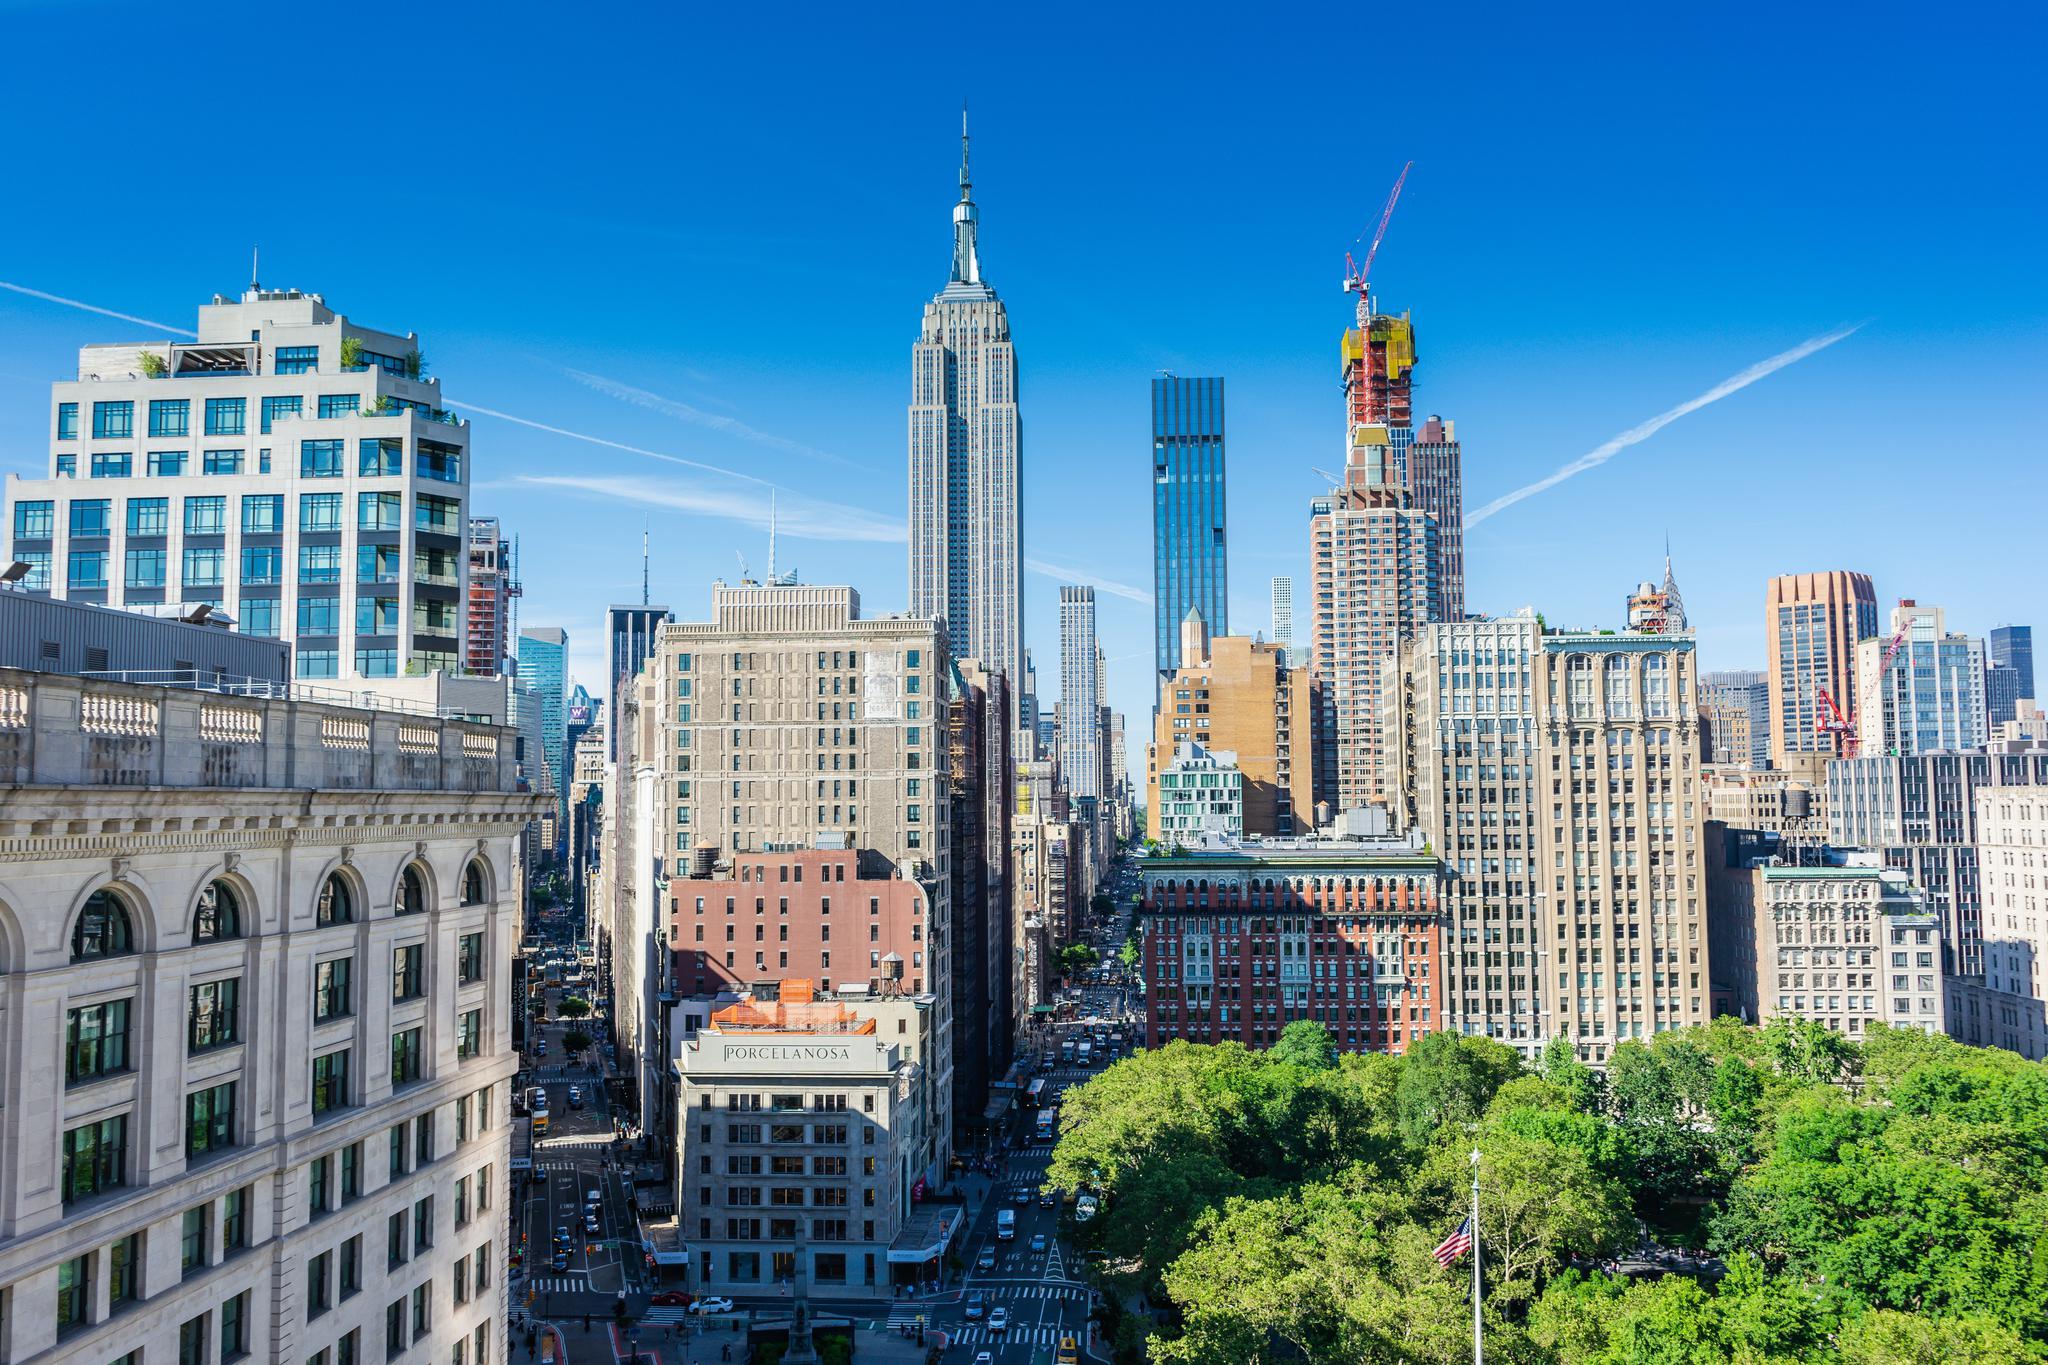 曼哈顿写字楼需求减少了吗?债券投资者的答案是,它们仍受追捧